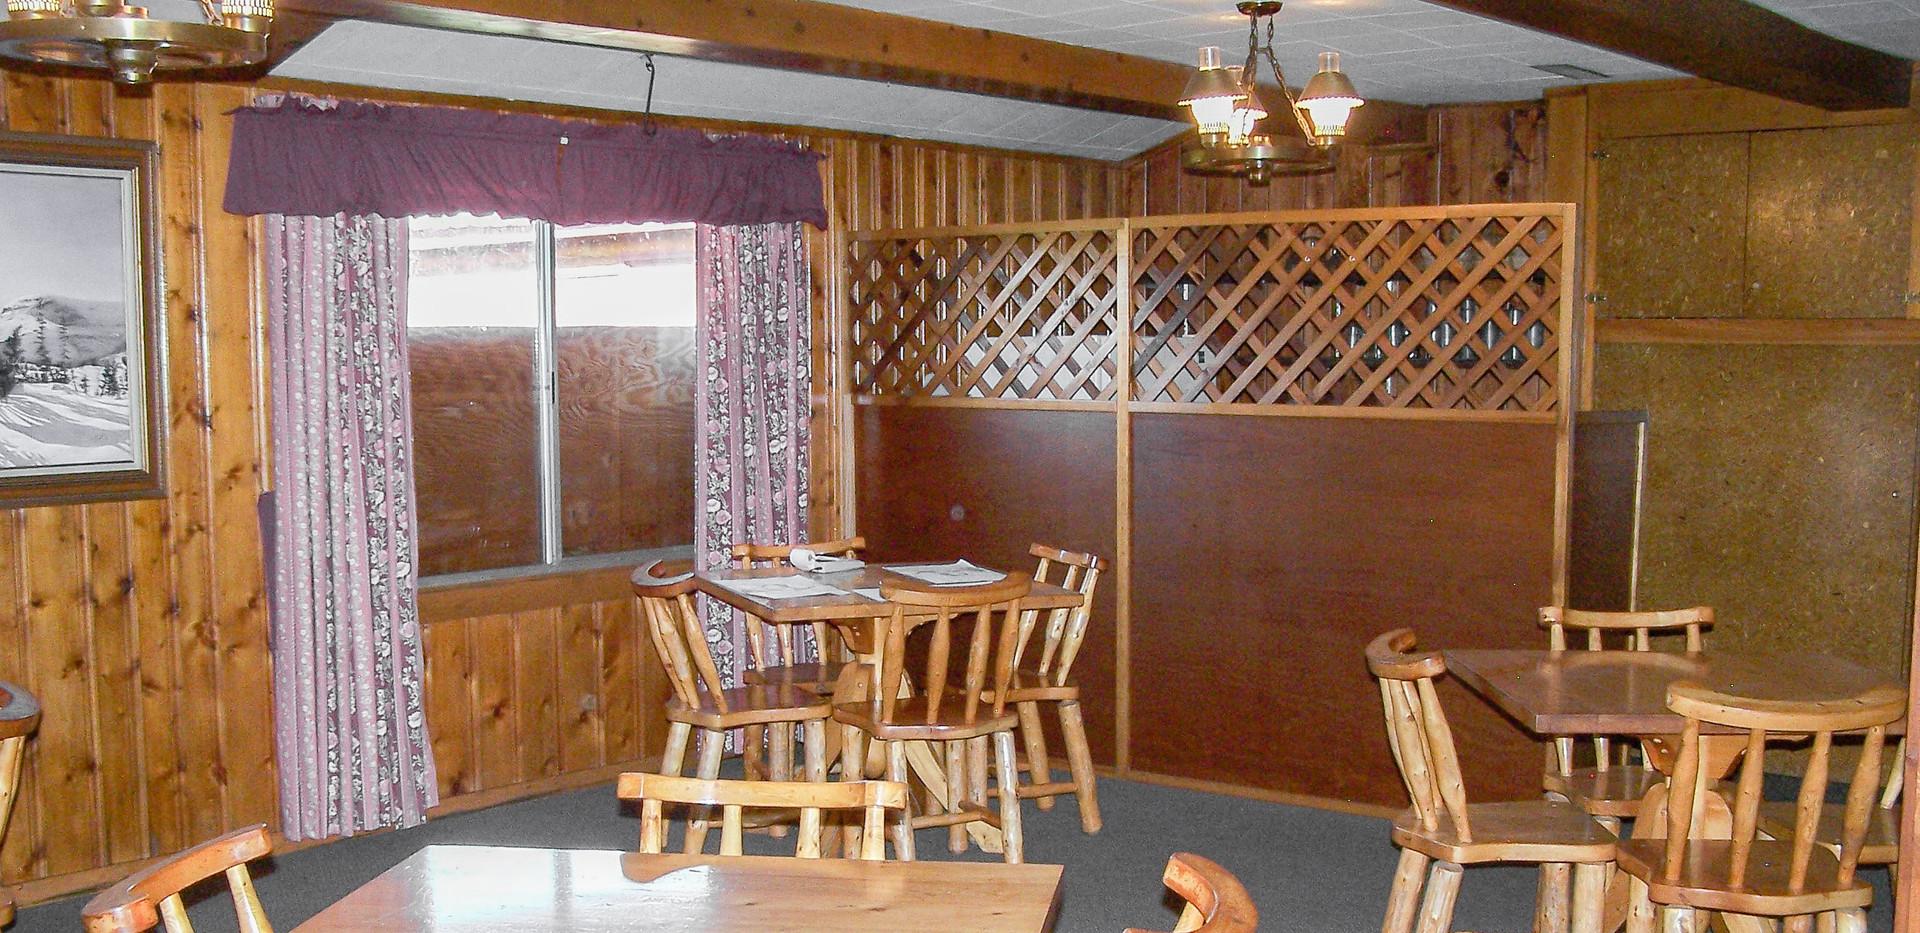 DiningRoom-Restaurant 2.jpg